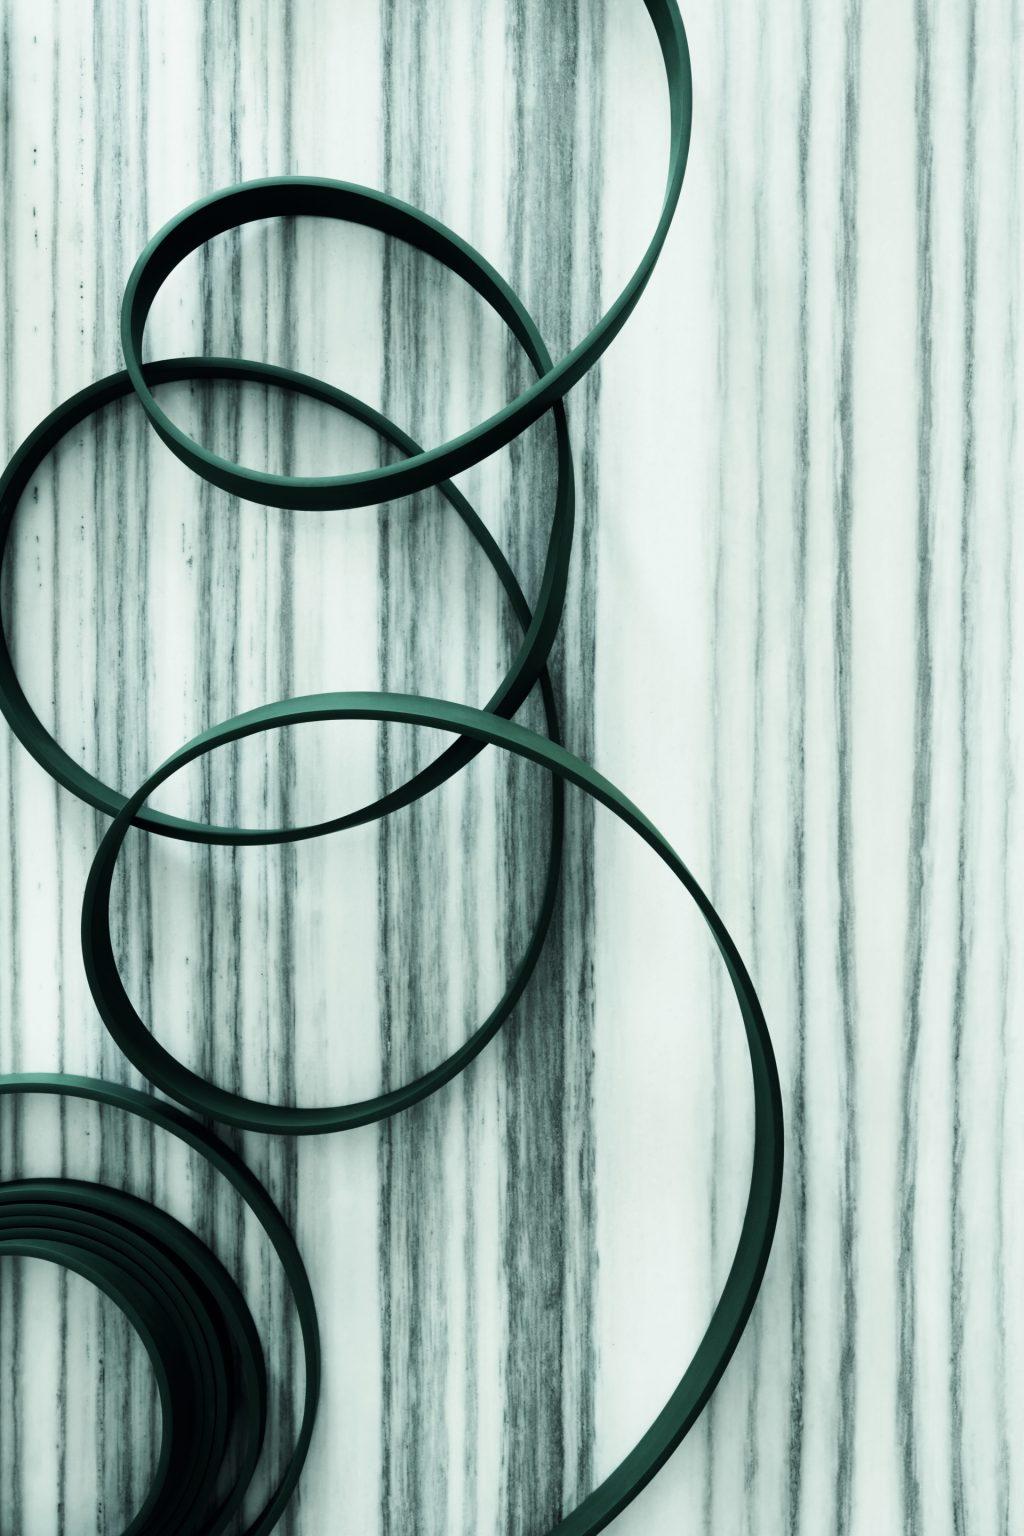 Il cavo di alimentazione come elemento di design, WIRELINE - Formafantasma per FLOS